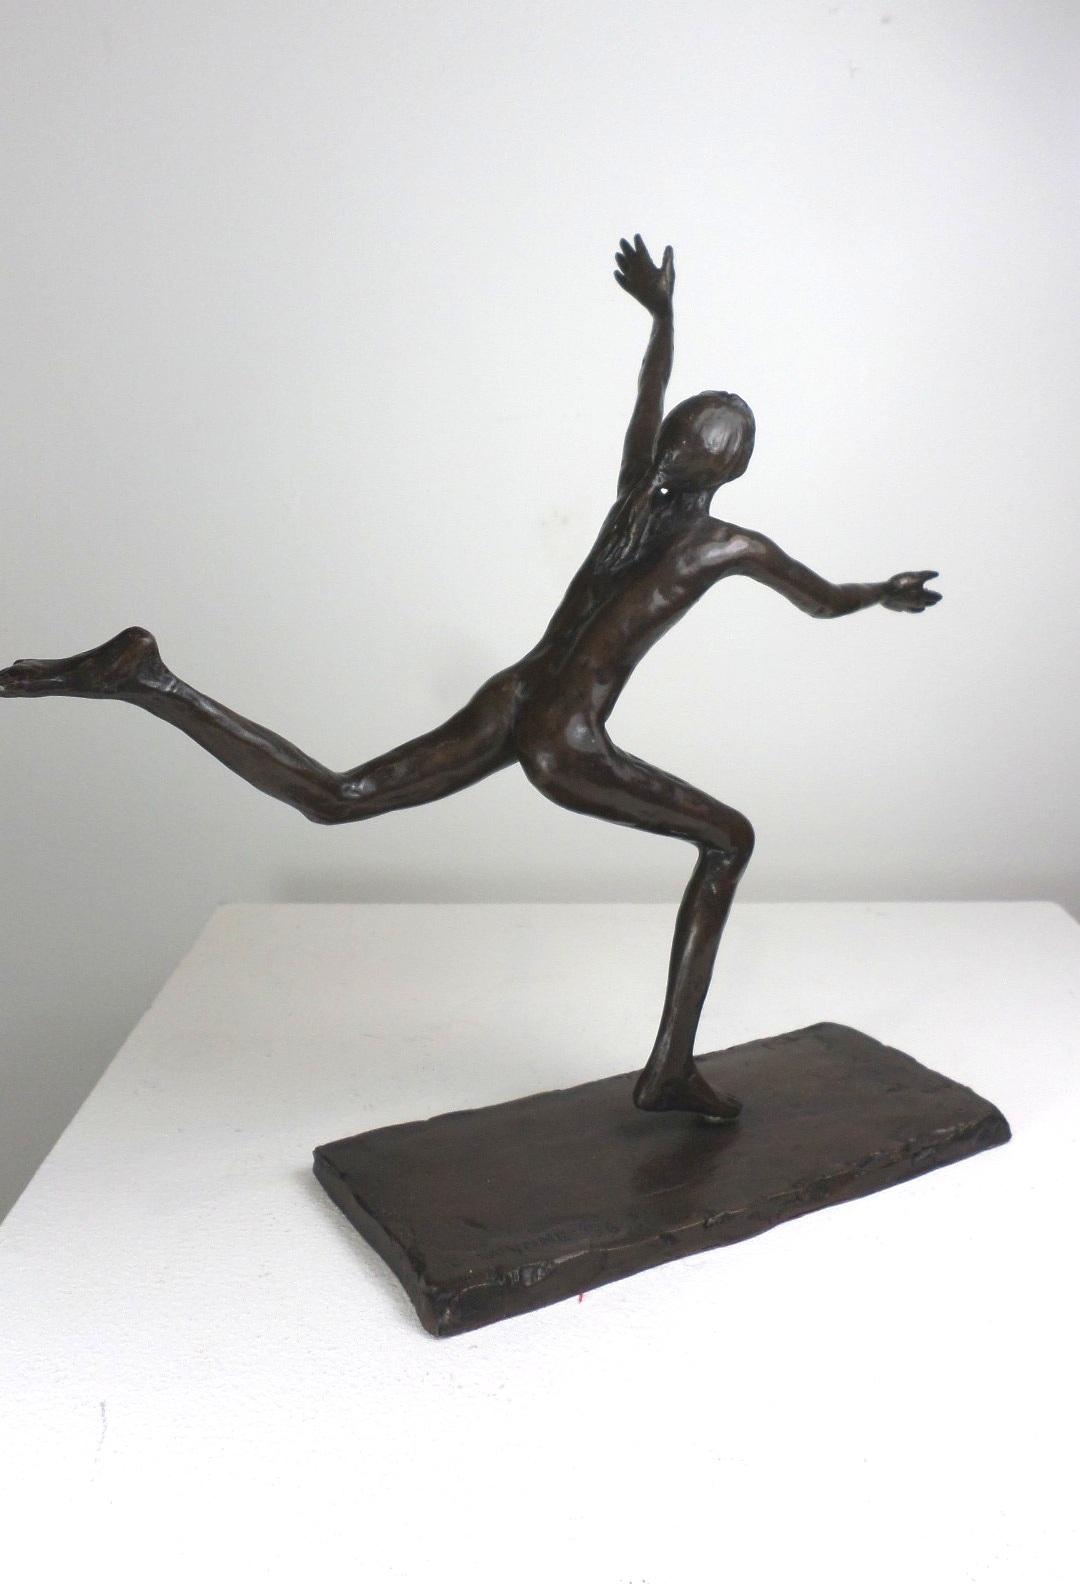 David Wynne Sculpture